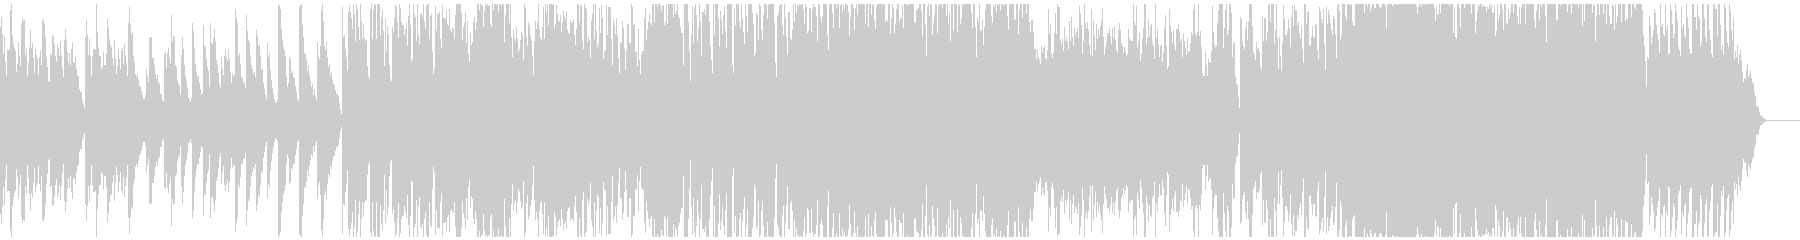 飴細工をイメージとしたキラキラしたBGMの未再生の波形